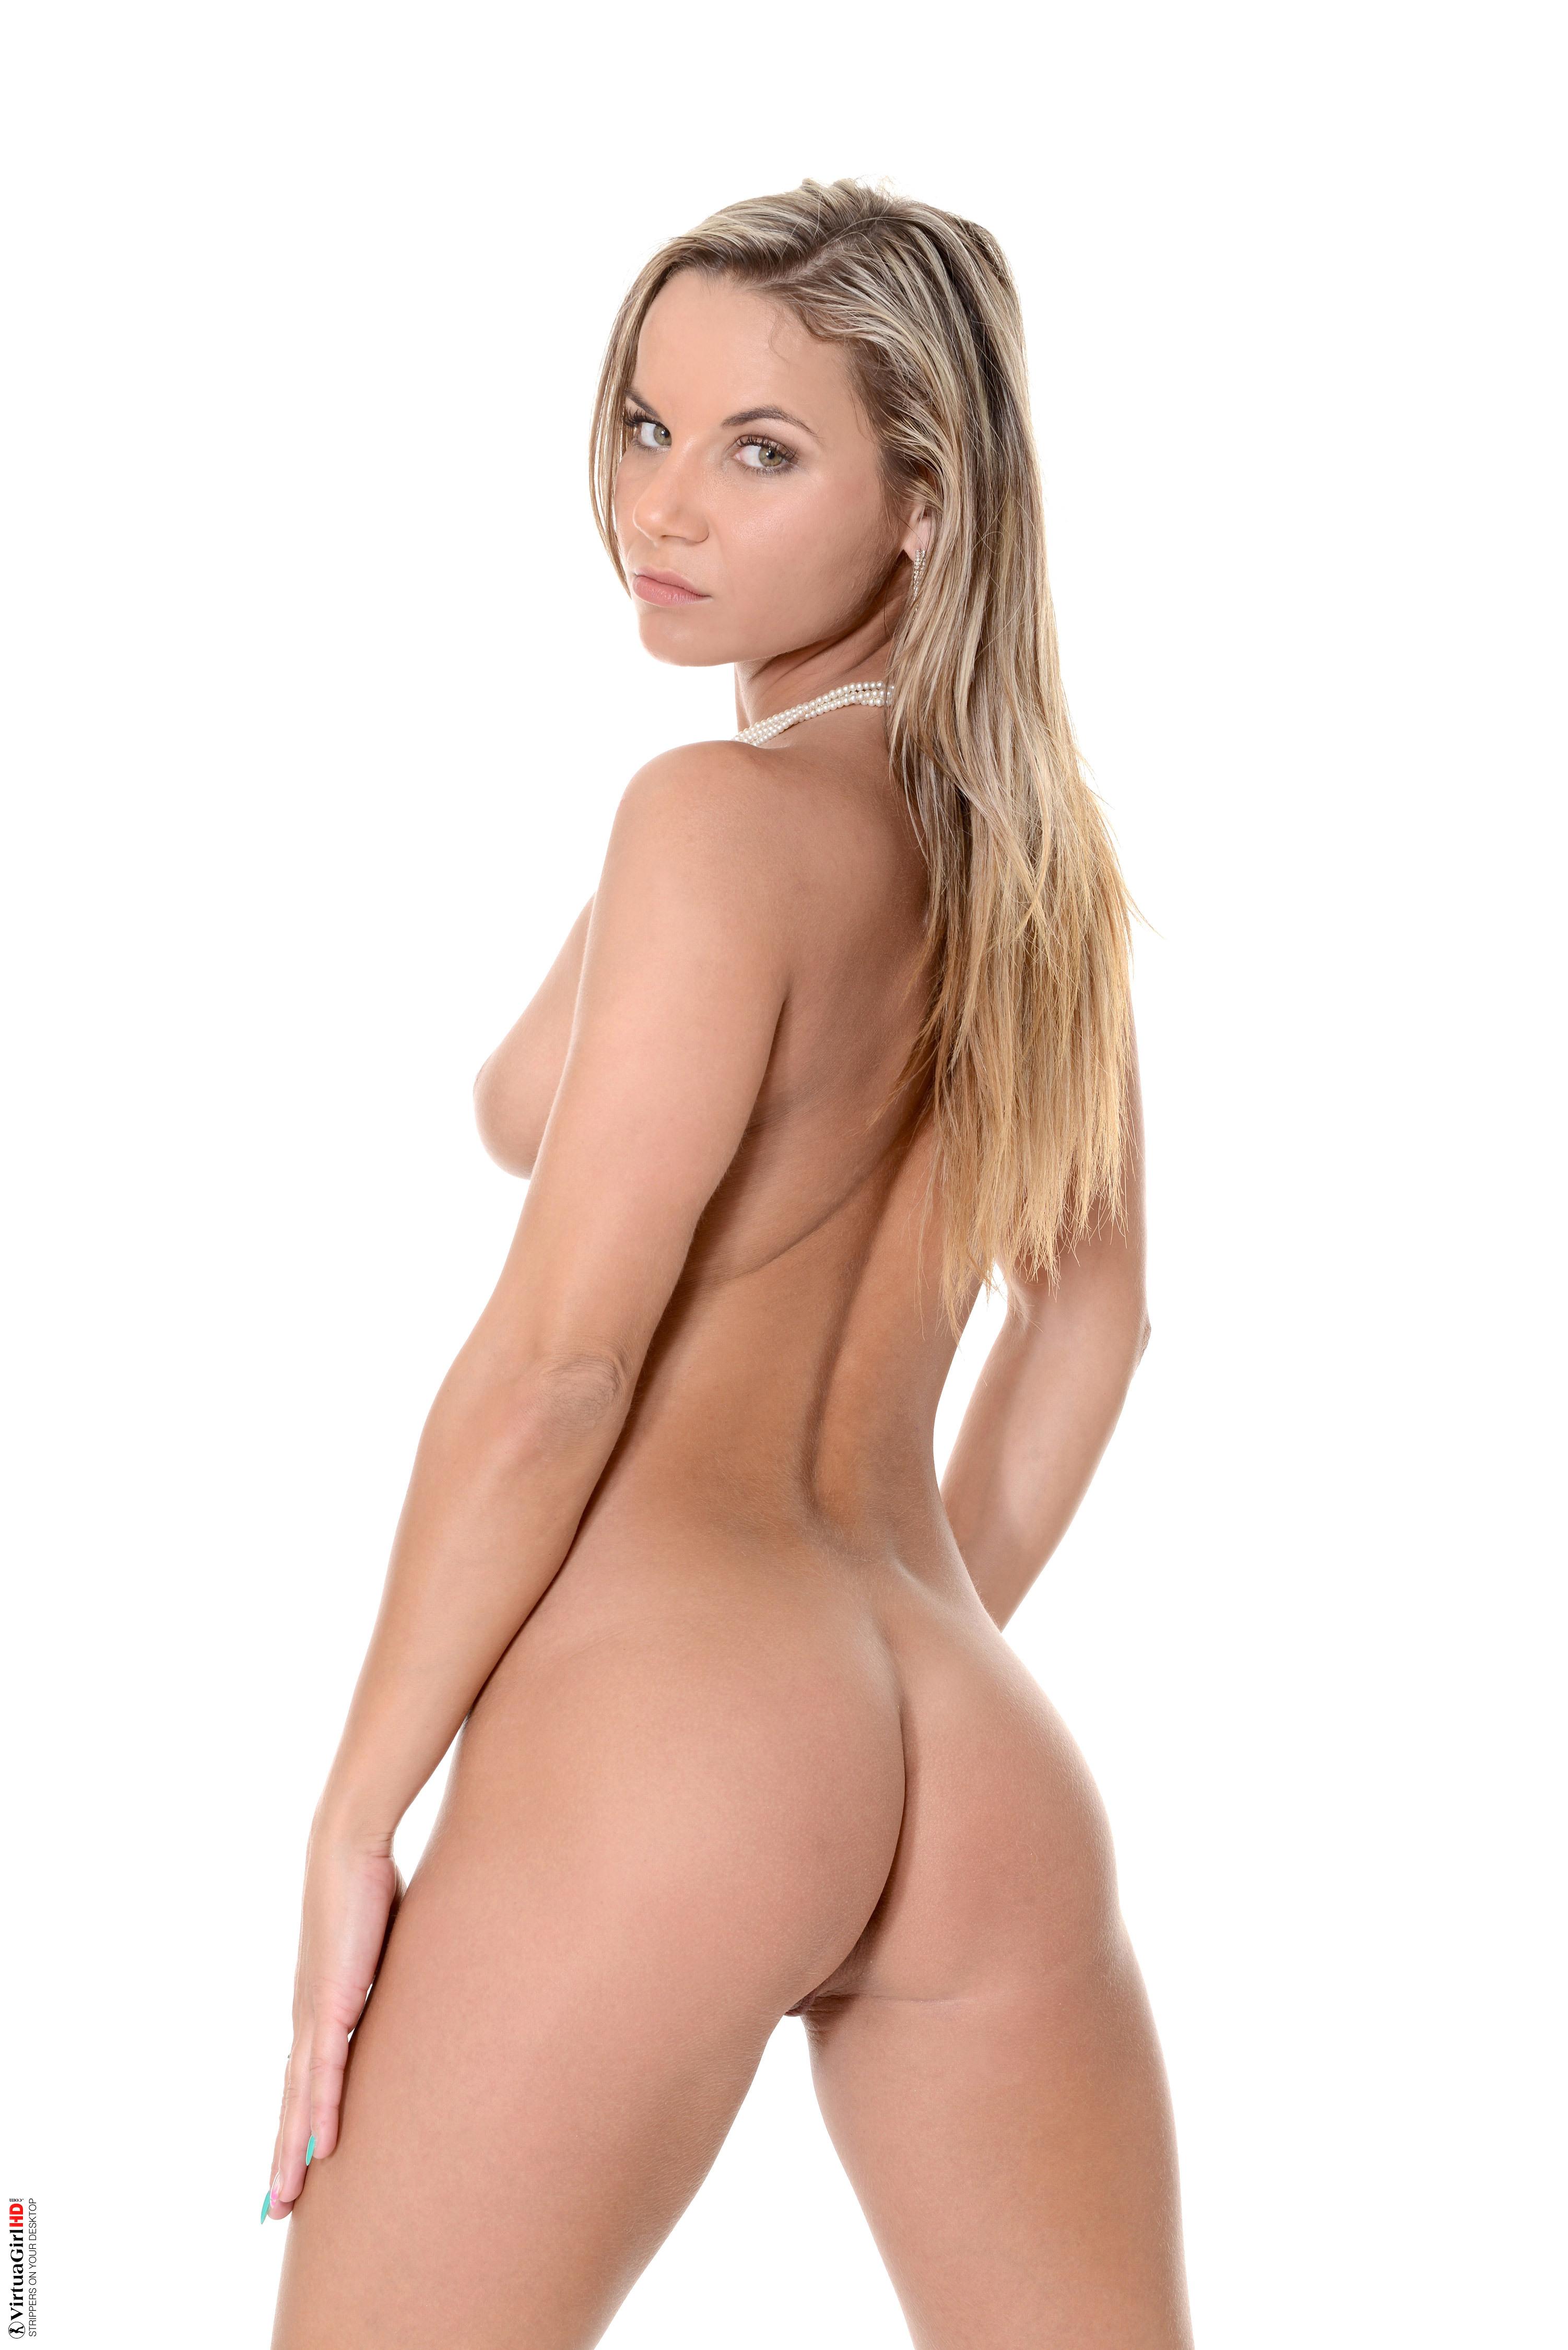 sexy girl ass wallpaper